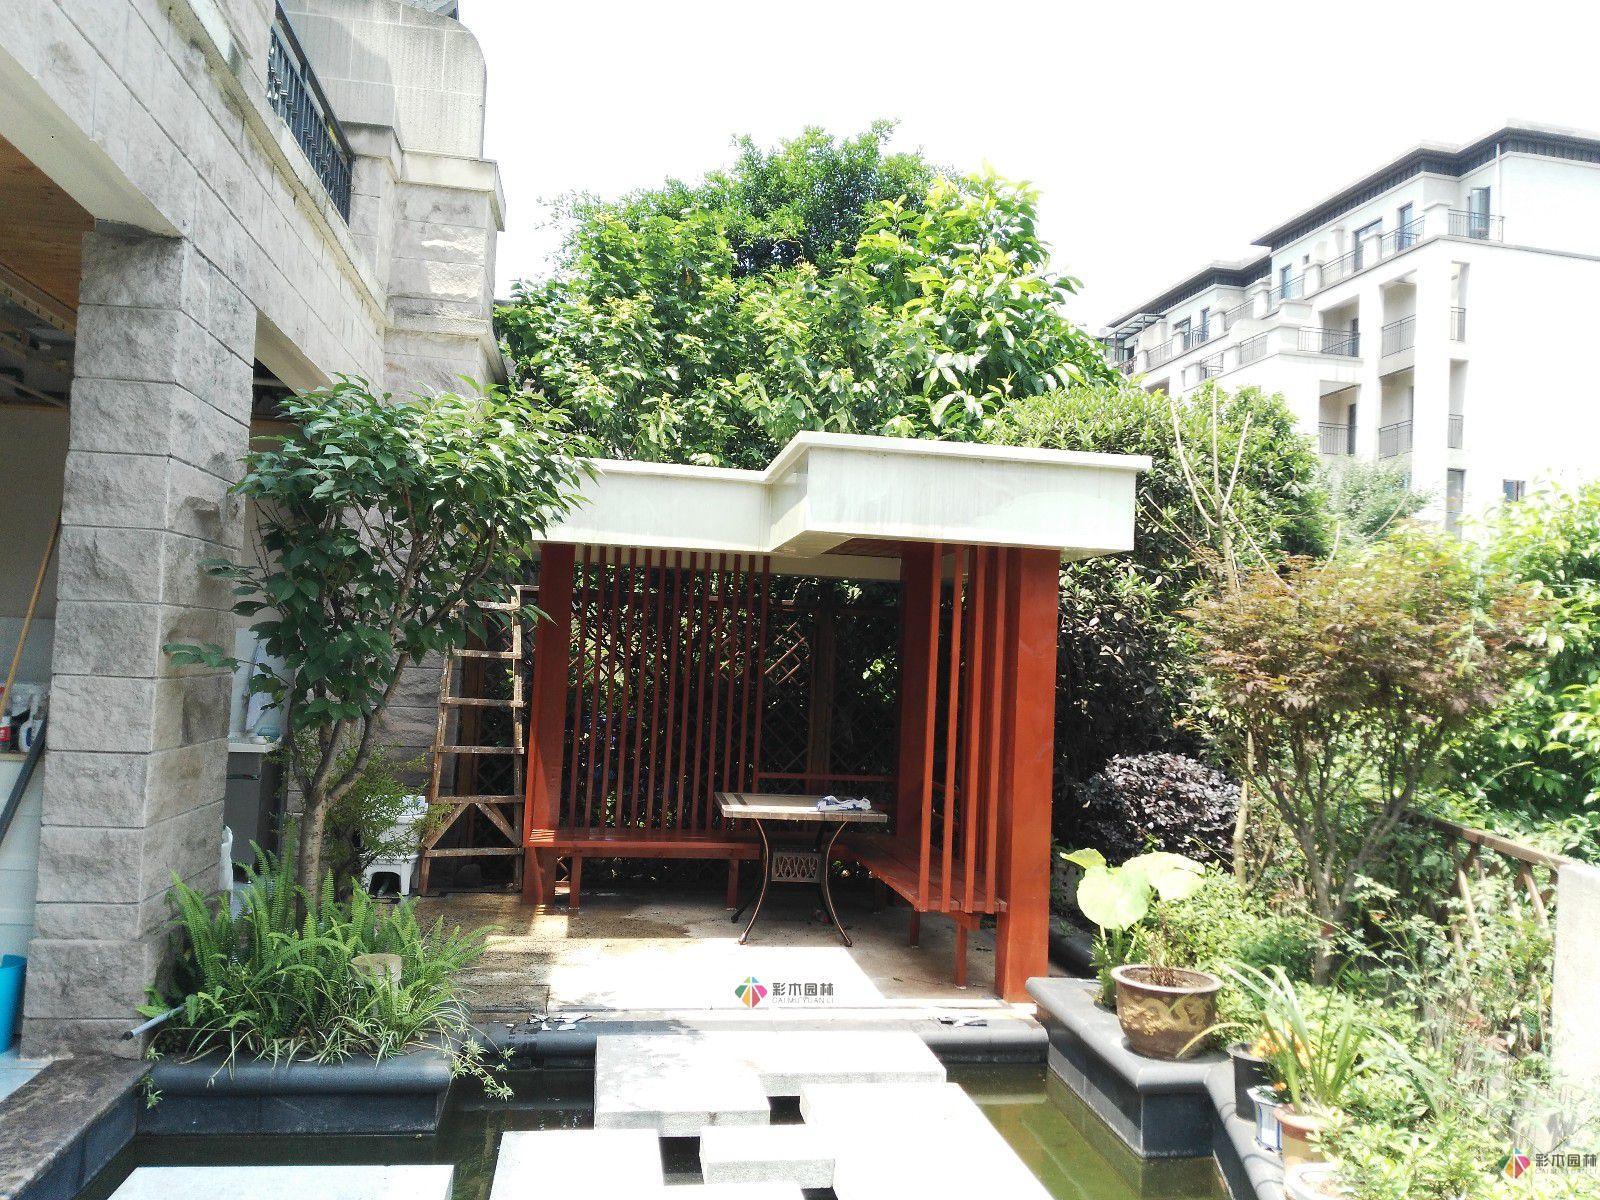 私家花园设计有哪些要素?